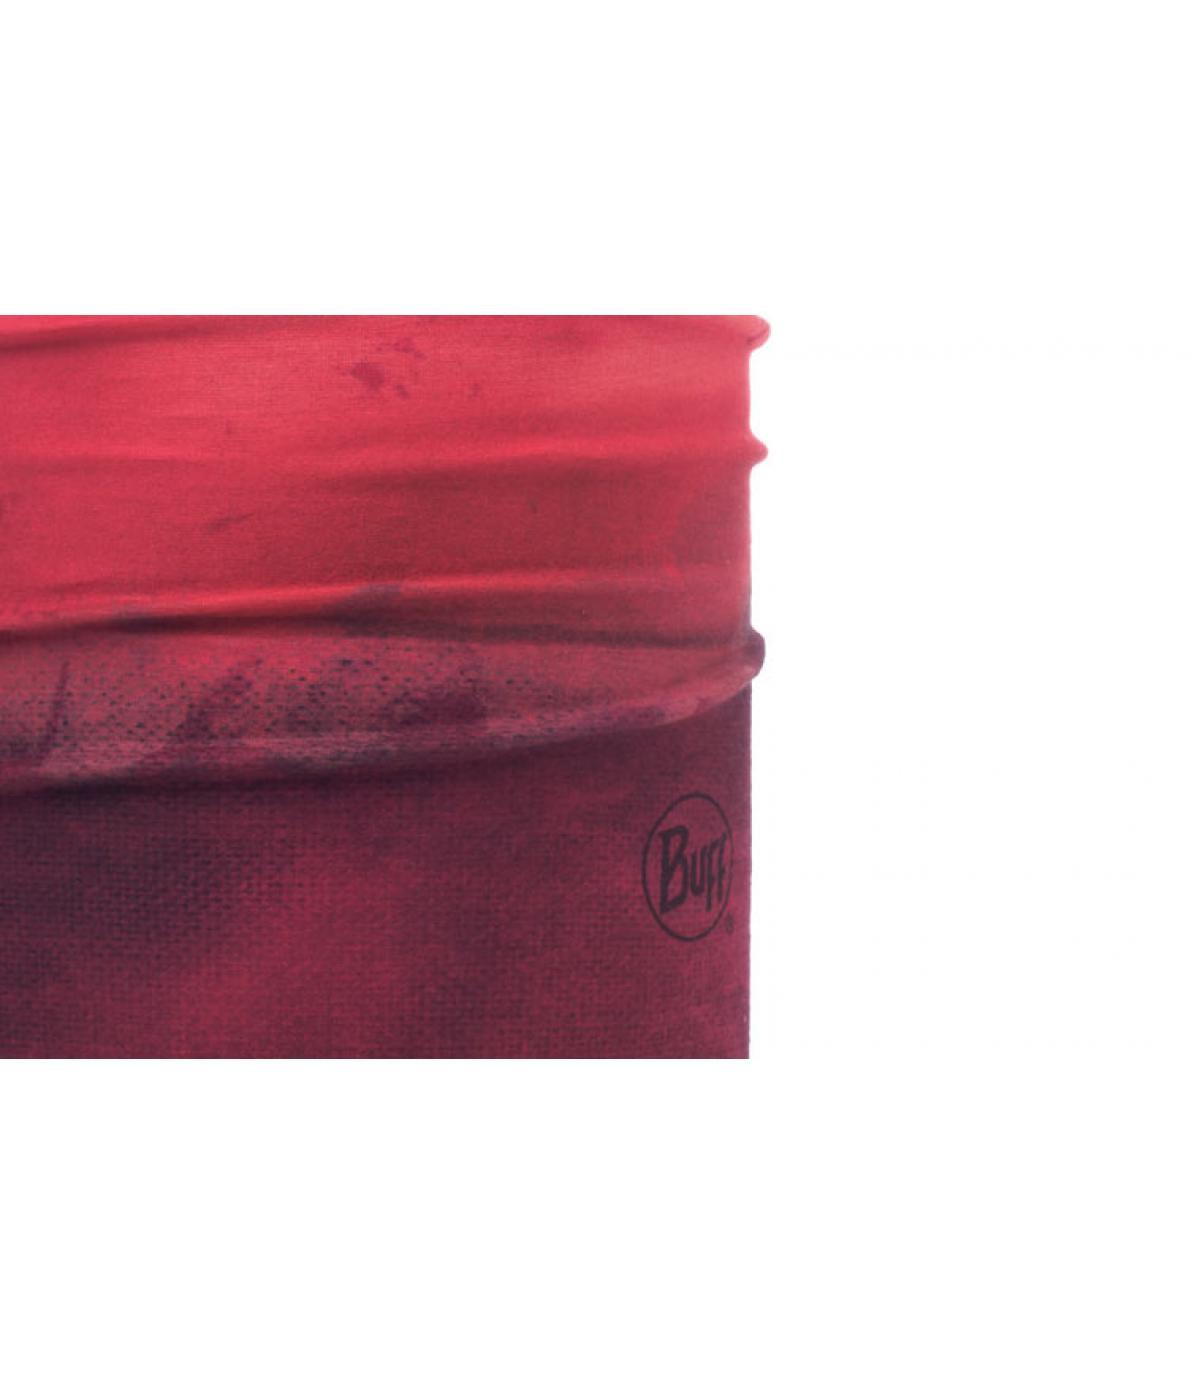 Details Active Rotkar pink - Abbildung 2